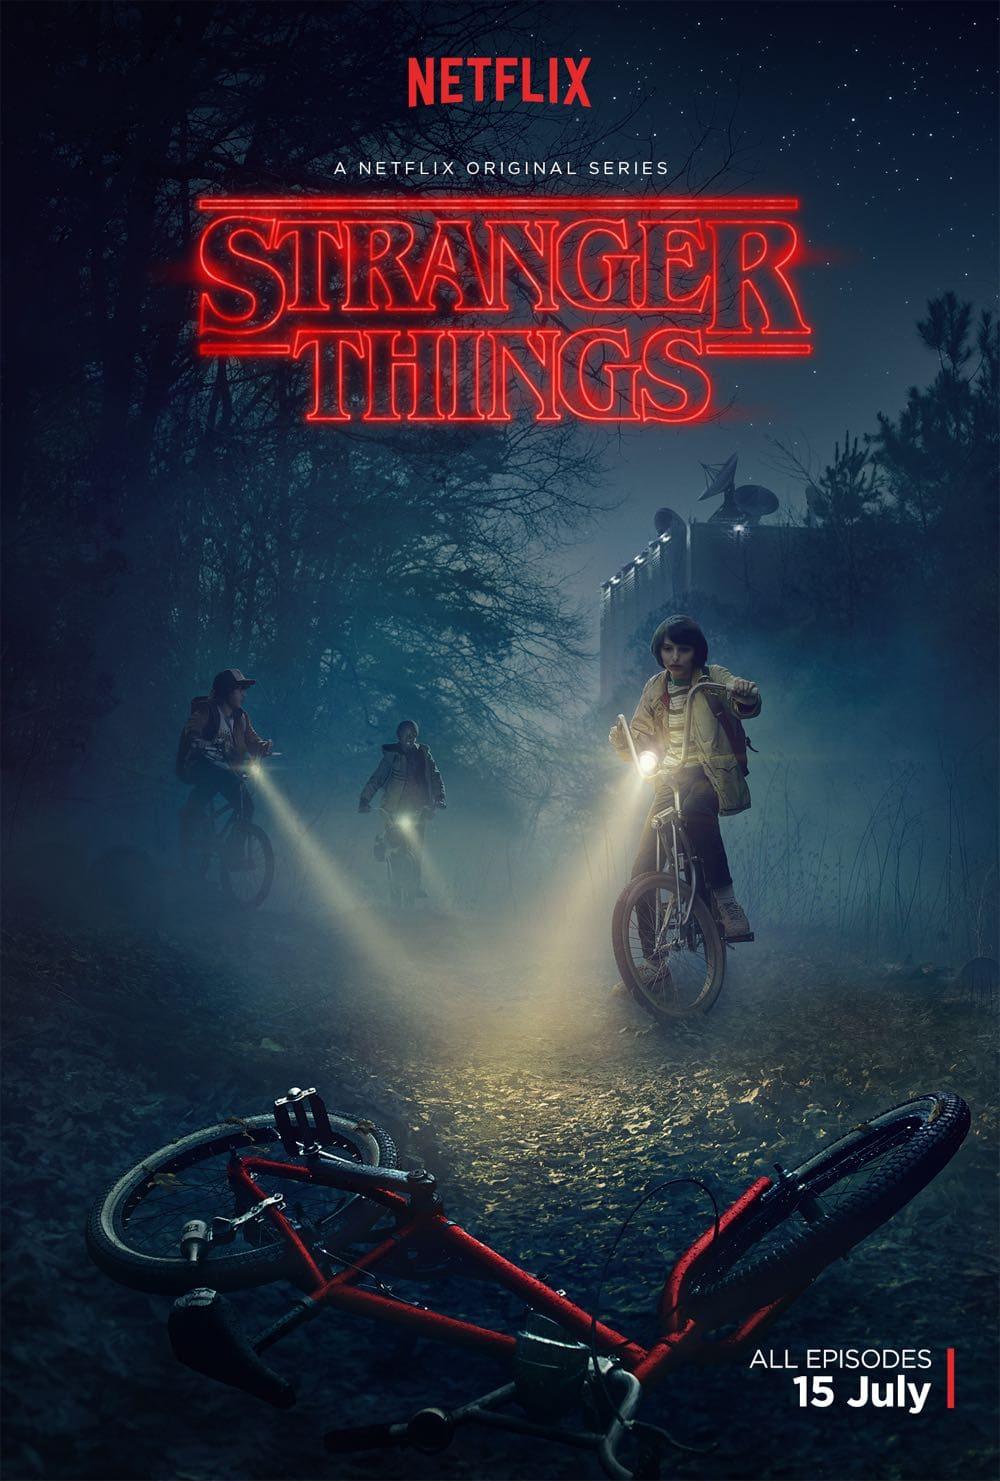 STRANGER THINGS Poster Key Art